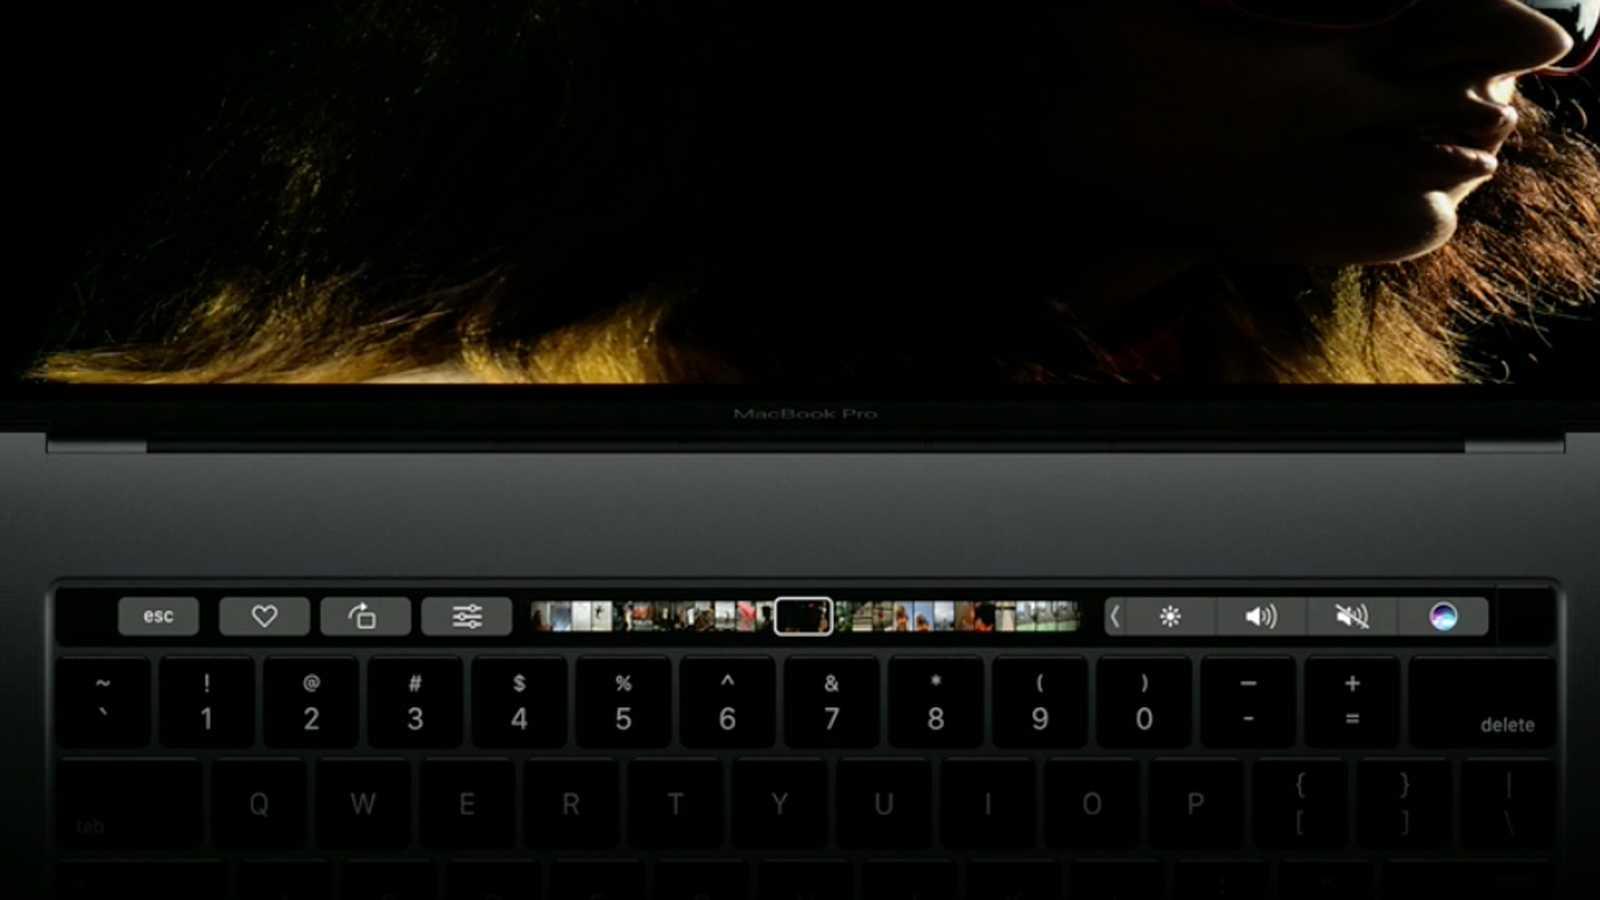 Apple Launches New, Slimmer MacBook Pro | macbook